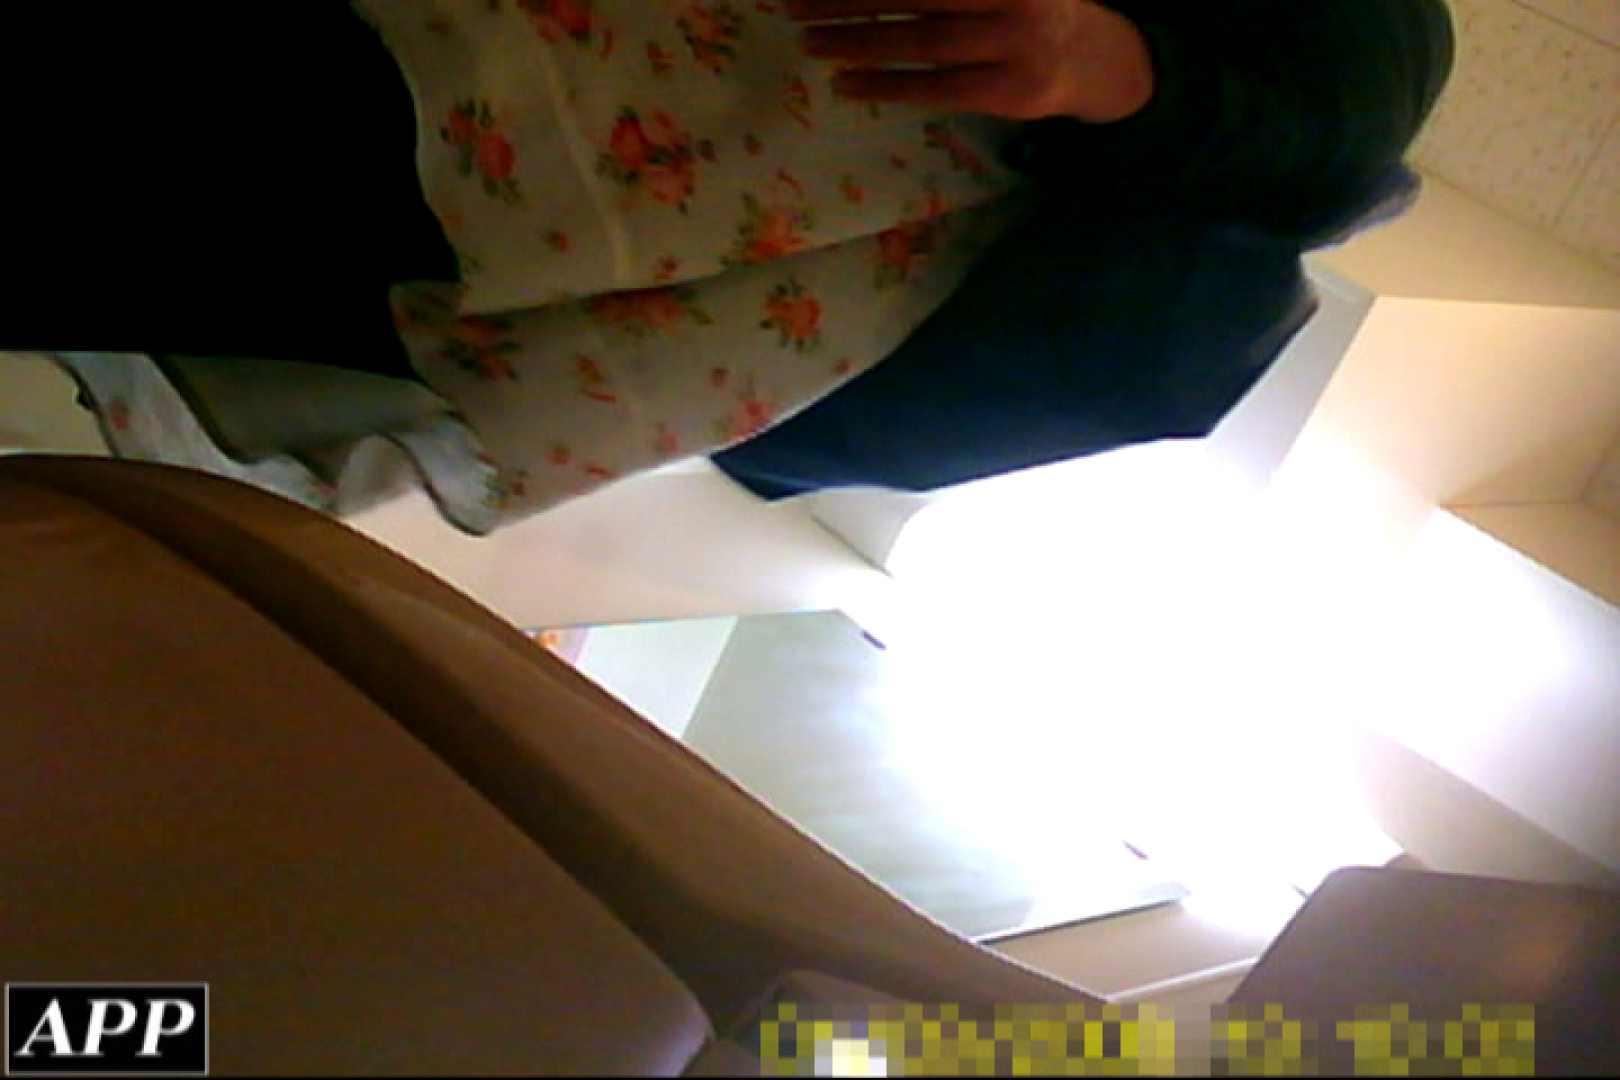 3視点洗面所 vol.104 OLセックス 盗撮おまんこ無修正動画無料 95画像 32